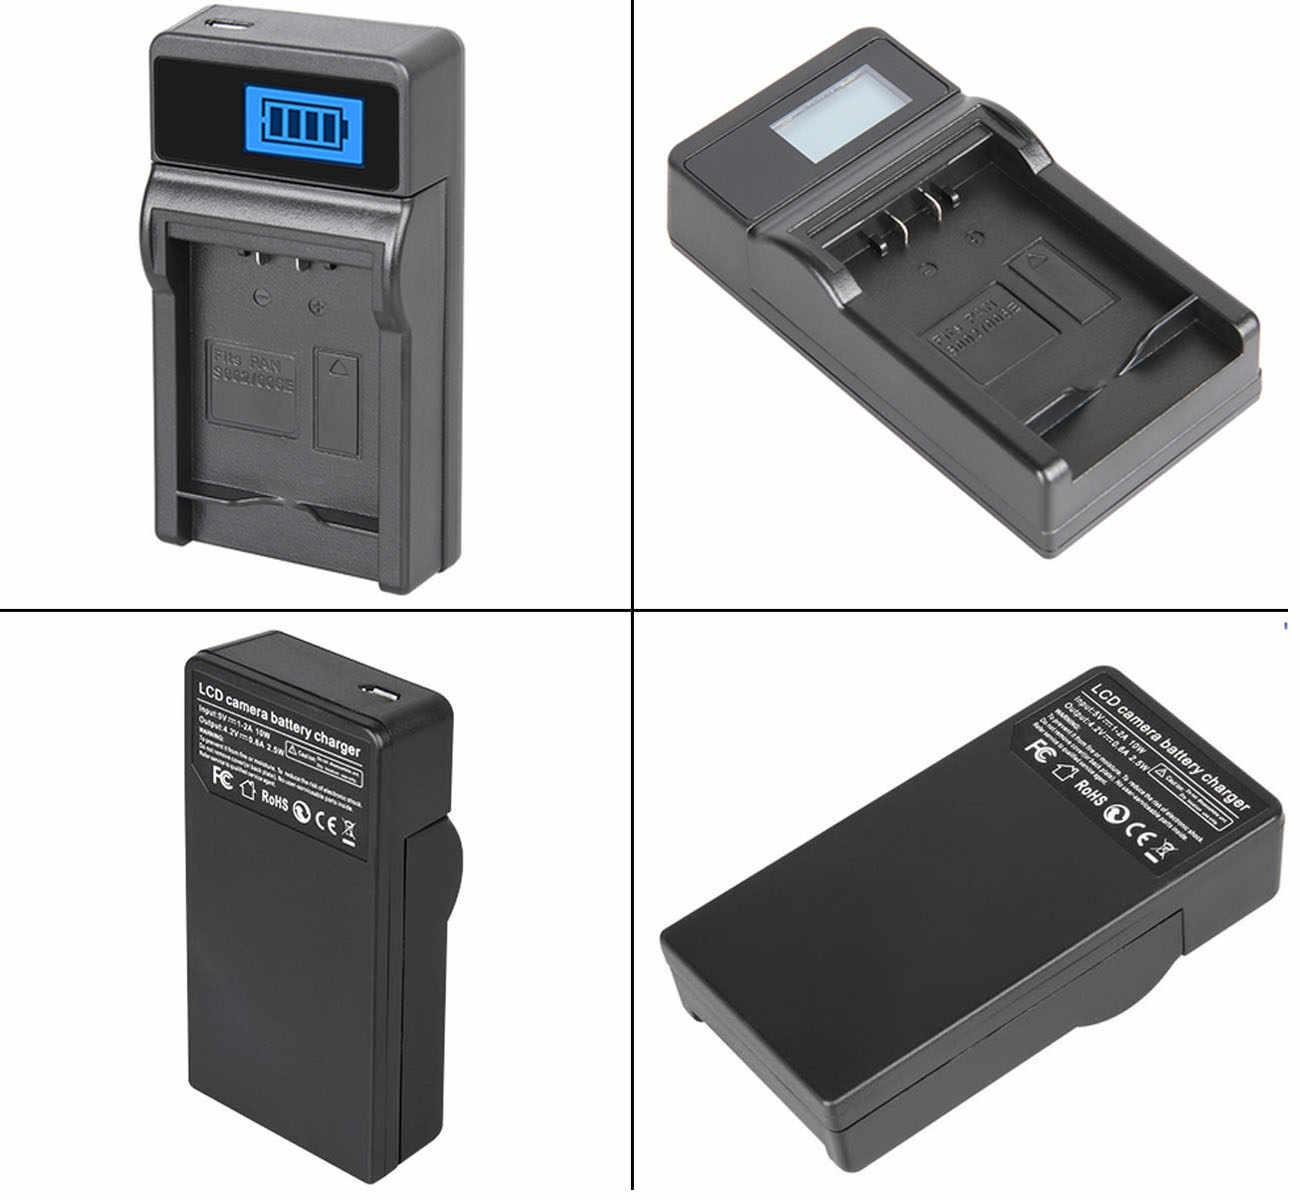 バッテリーパナソニック Dmw CGR-S006 、 CGR-S006A 、 CGR-S006E 、 CGR-S006E/1B 、 CGA-S006 、 DMW-BMA7